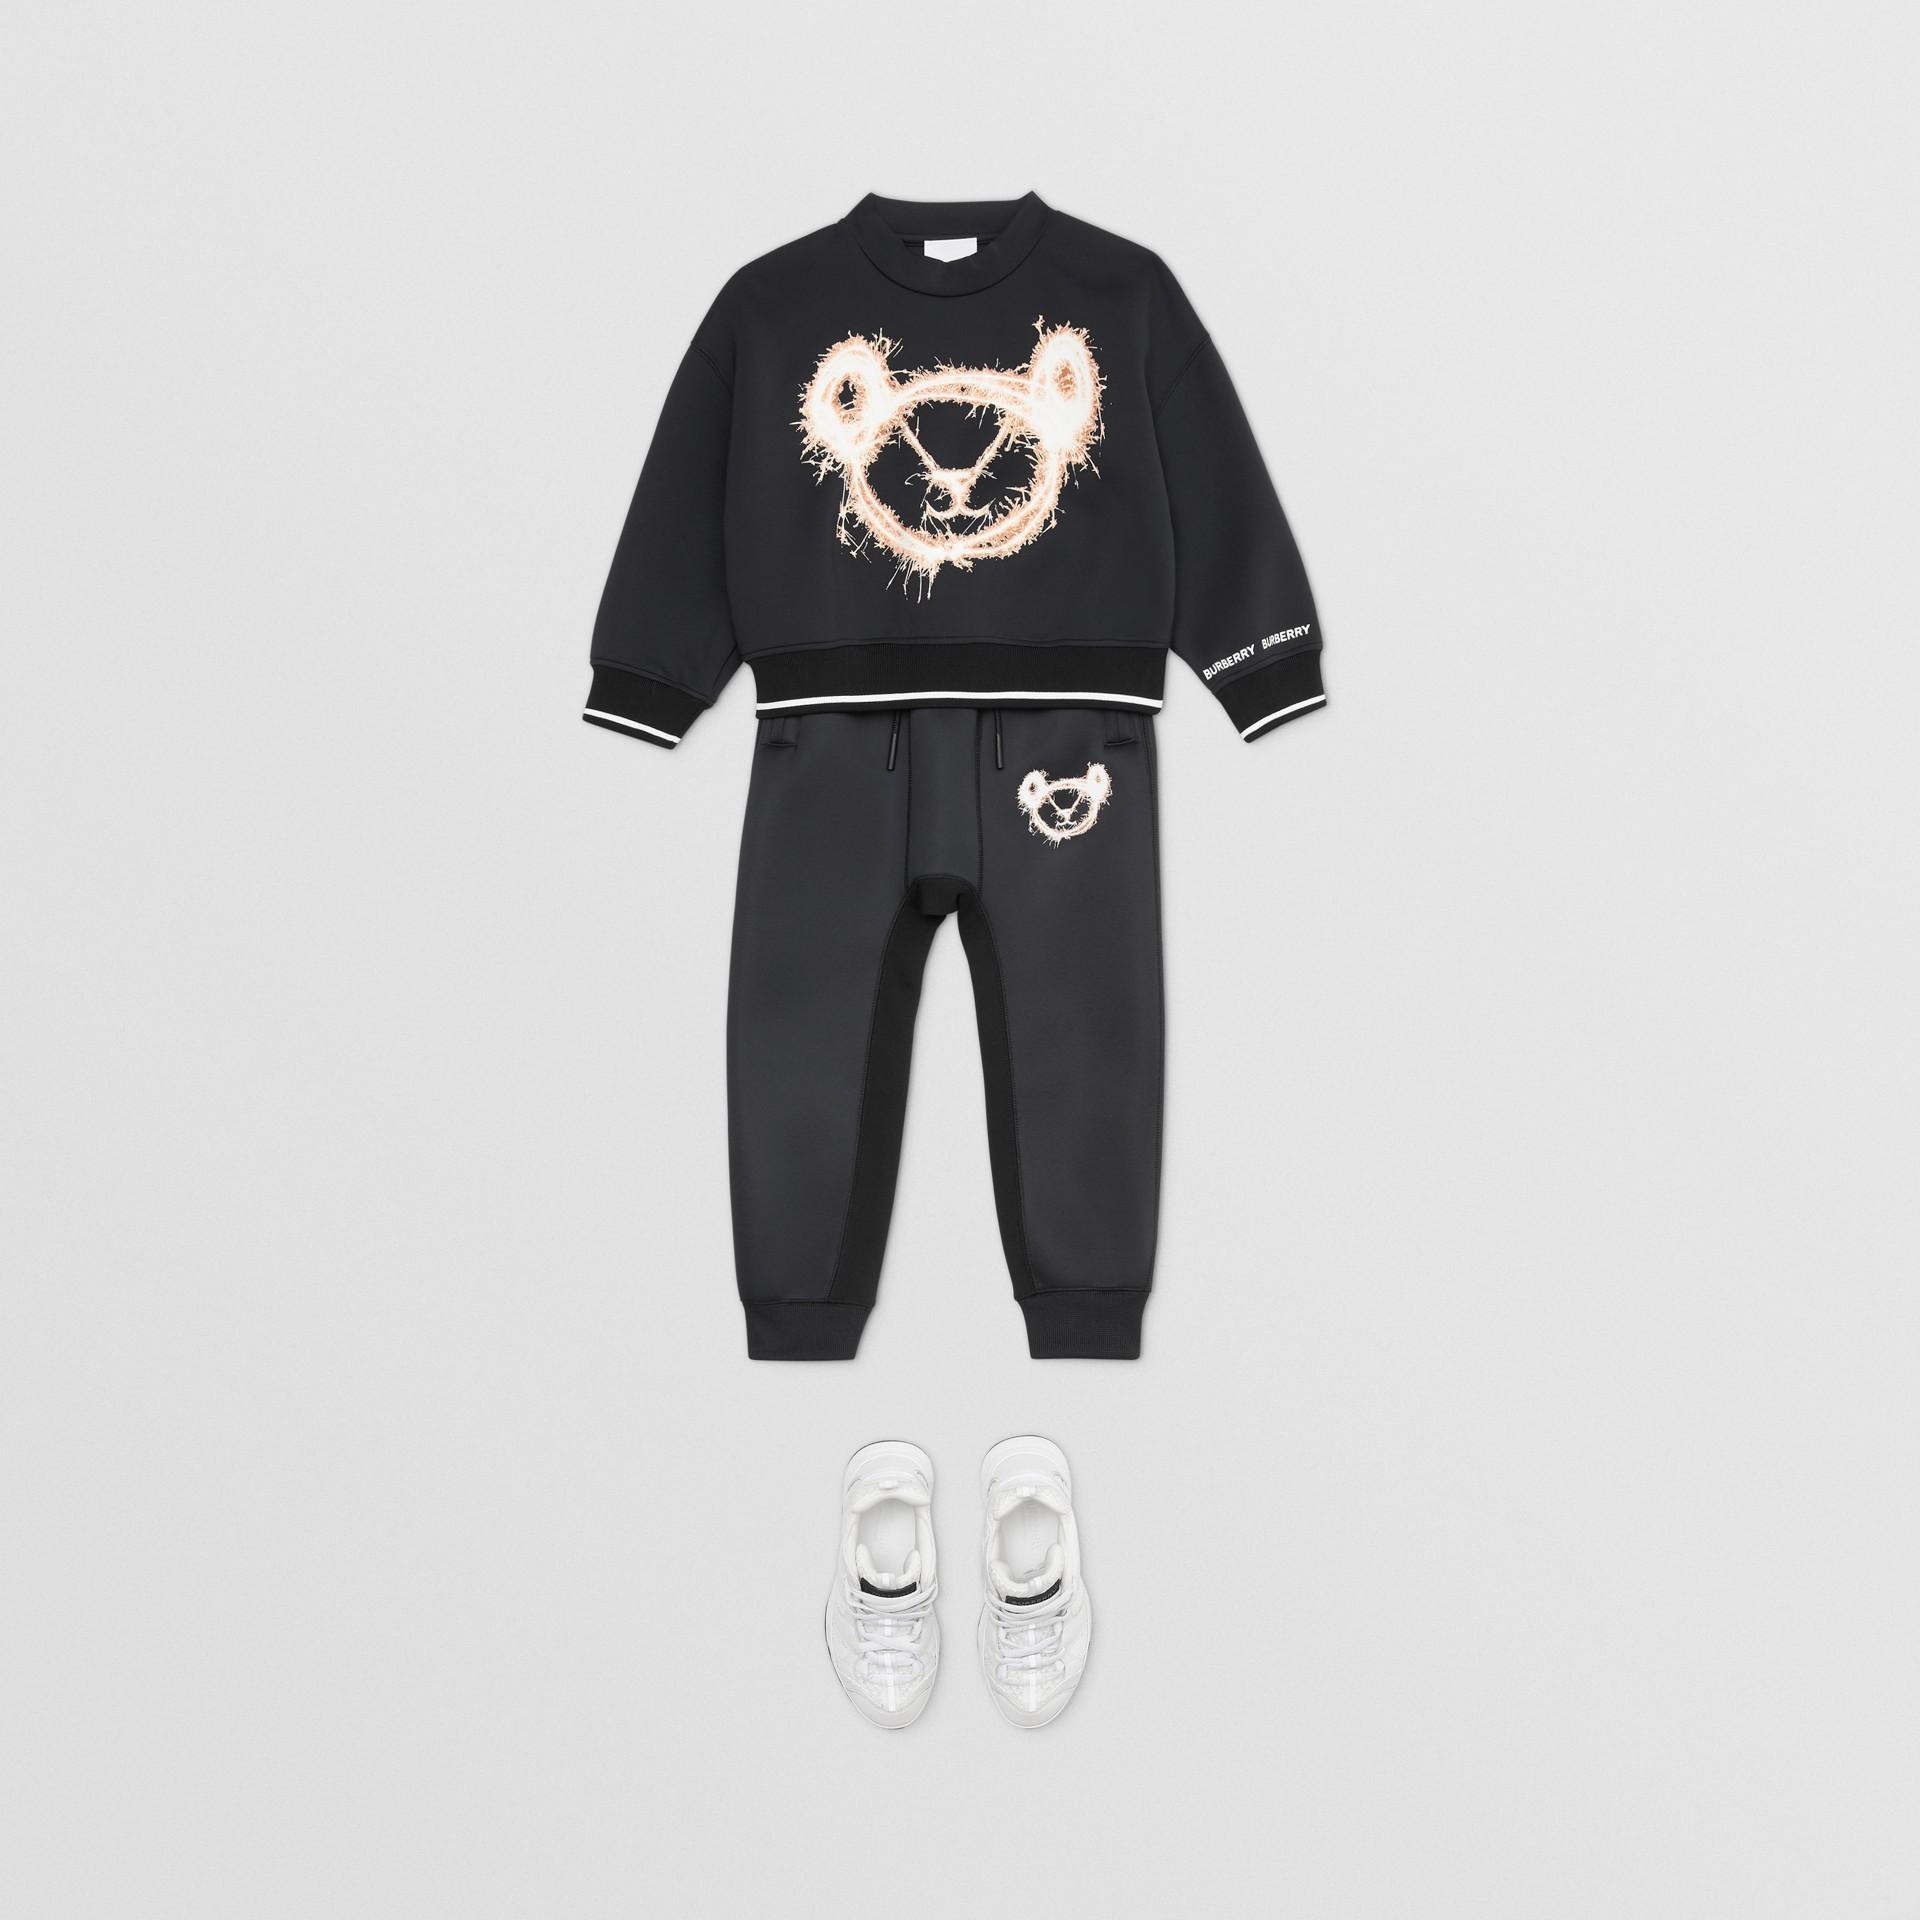 スパークラープリント ネオプレン スウェットシャツ (ブラック) | バーバリー - ギャラリーイメージ 2